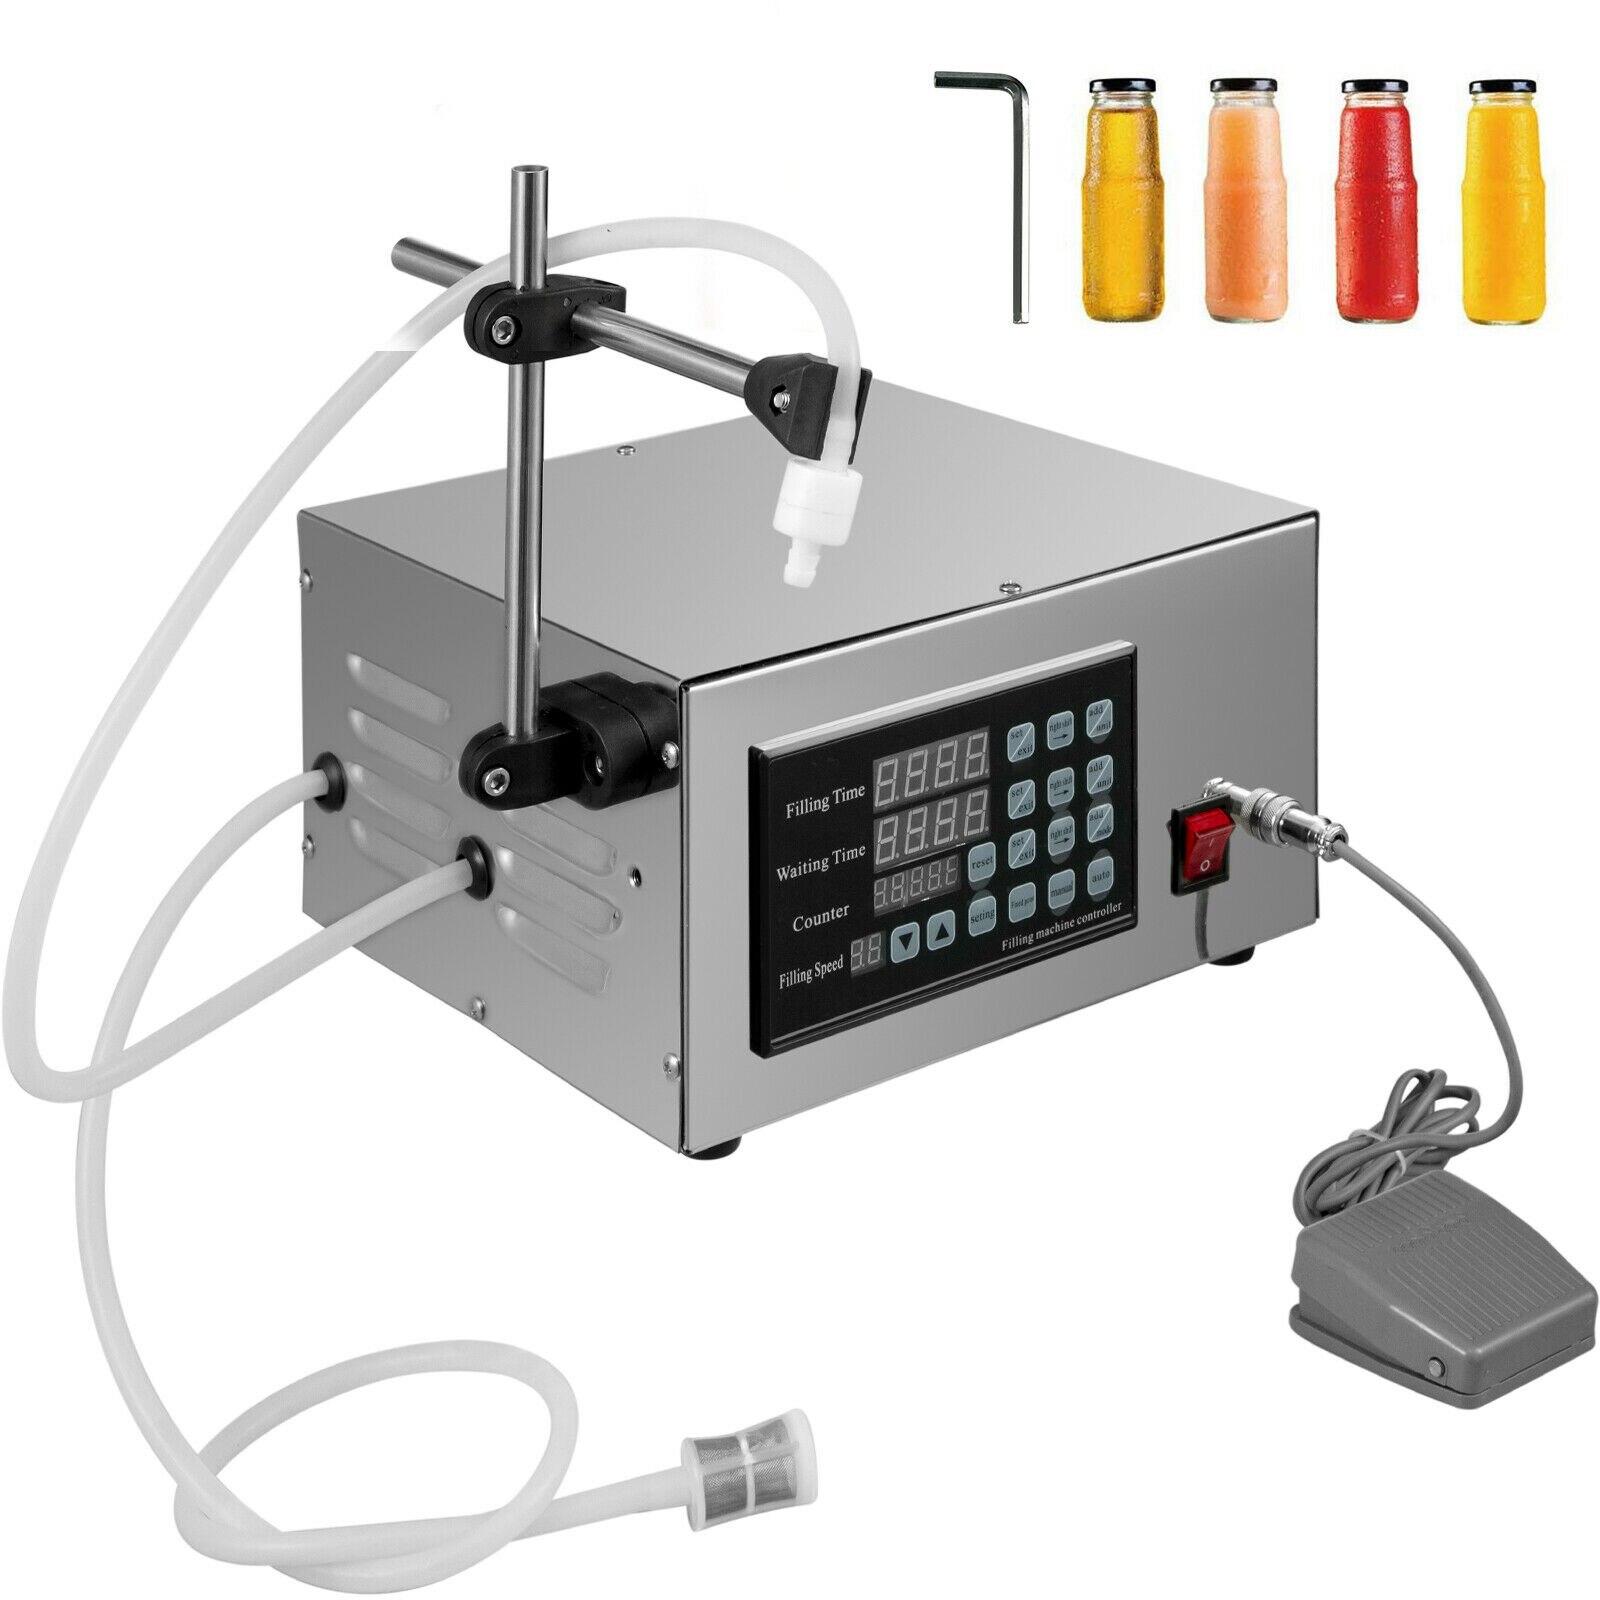 5-3500 مللي التلقائي ملء آلة XK-280 السائل ملء آلة زجاجة حشو التحكم الرقمية ل كريم الشامبو السائل المياه